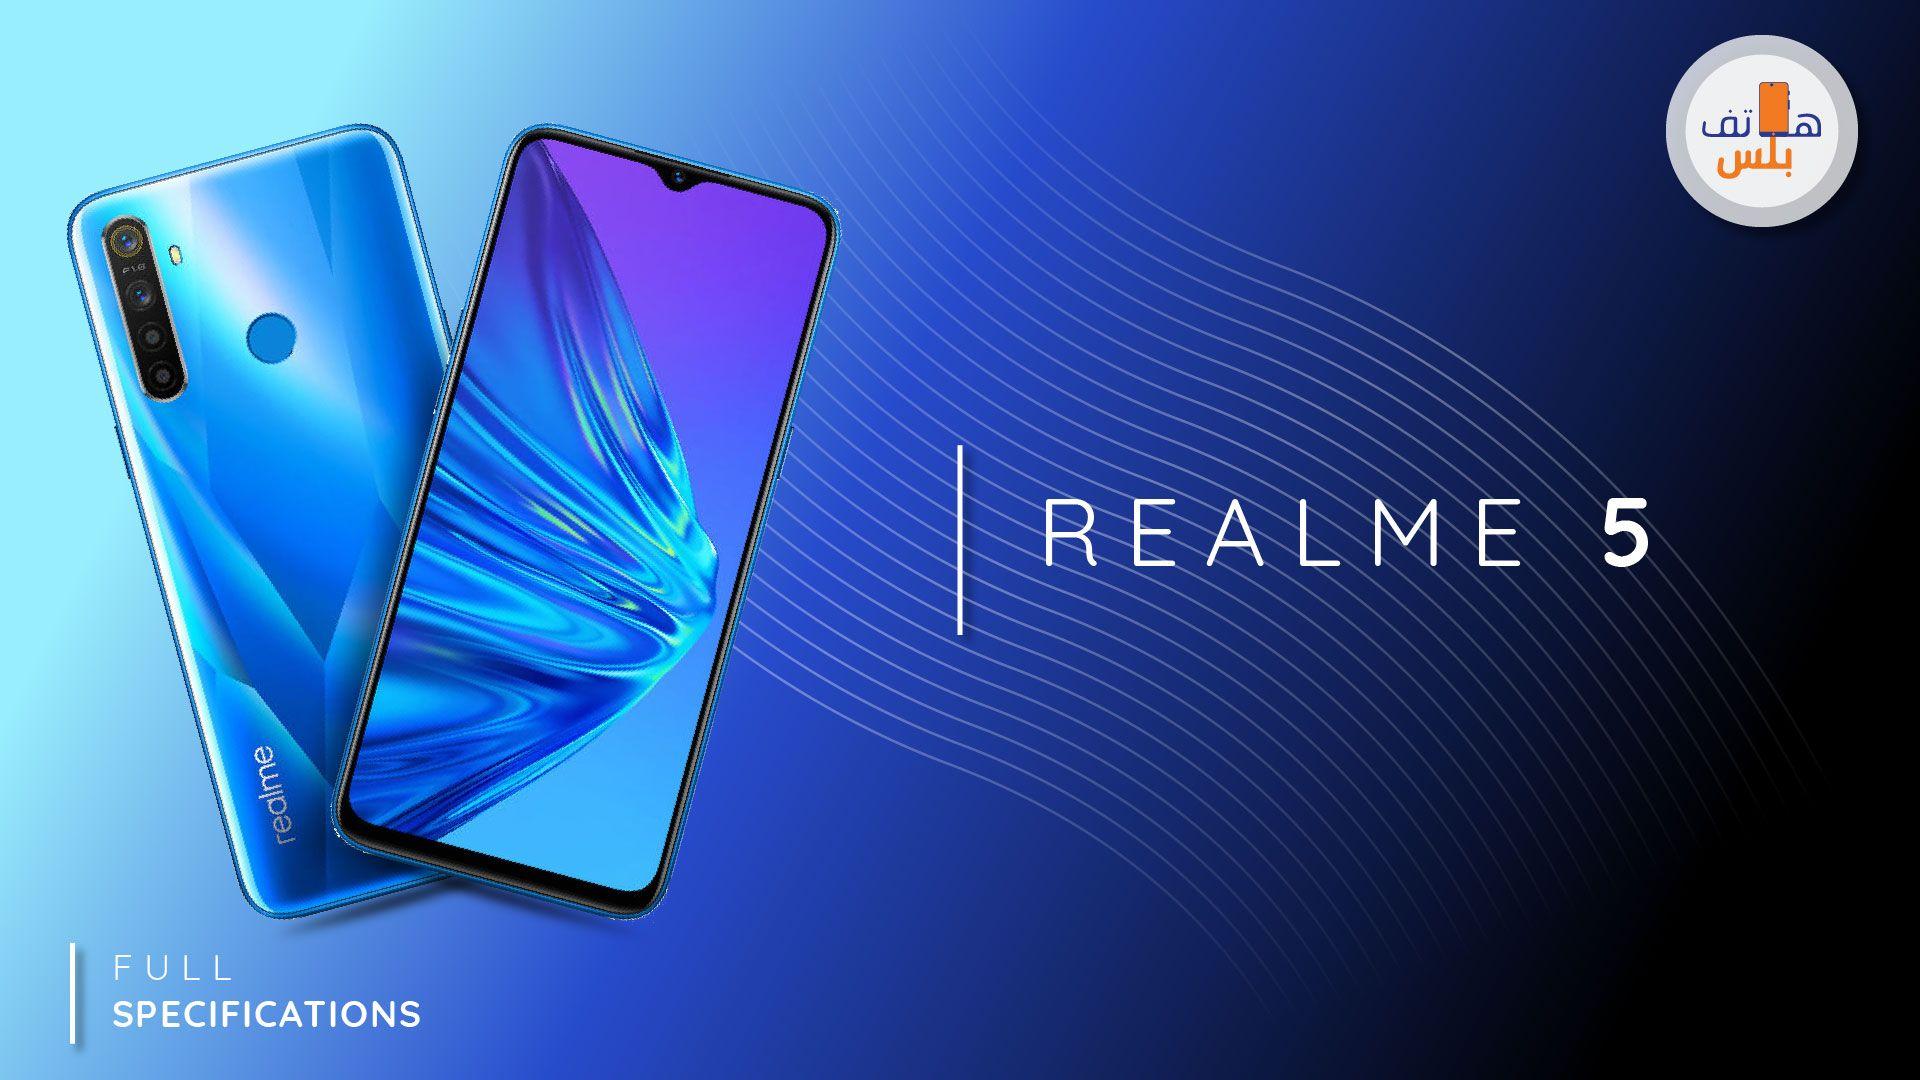 مواصفات هاتف Realme 5 ريلمي 5 هاتف جبار بتسعير ممتاز Galaxy Phone Samsung Galaxy Phone Samsung Galaxy